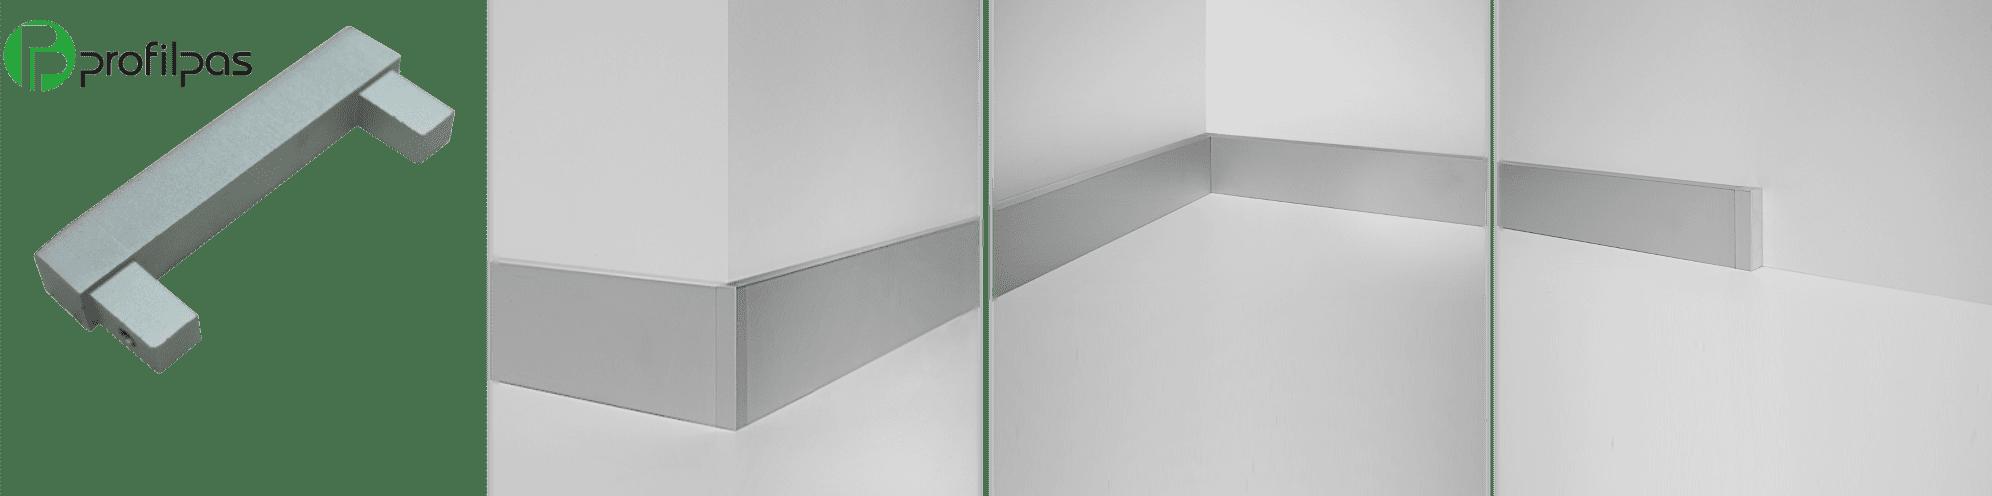 универсальный соединитель плинтуса Profilpas Metal Line 89/6